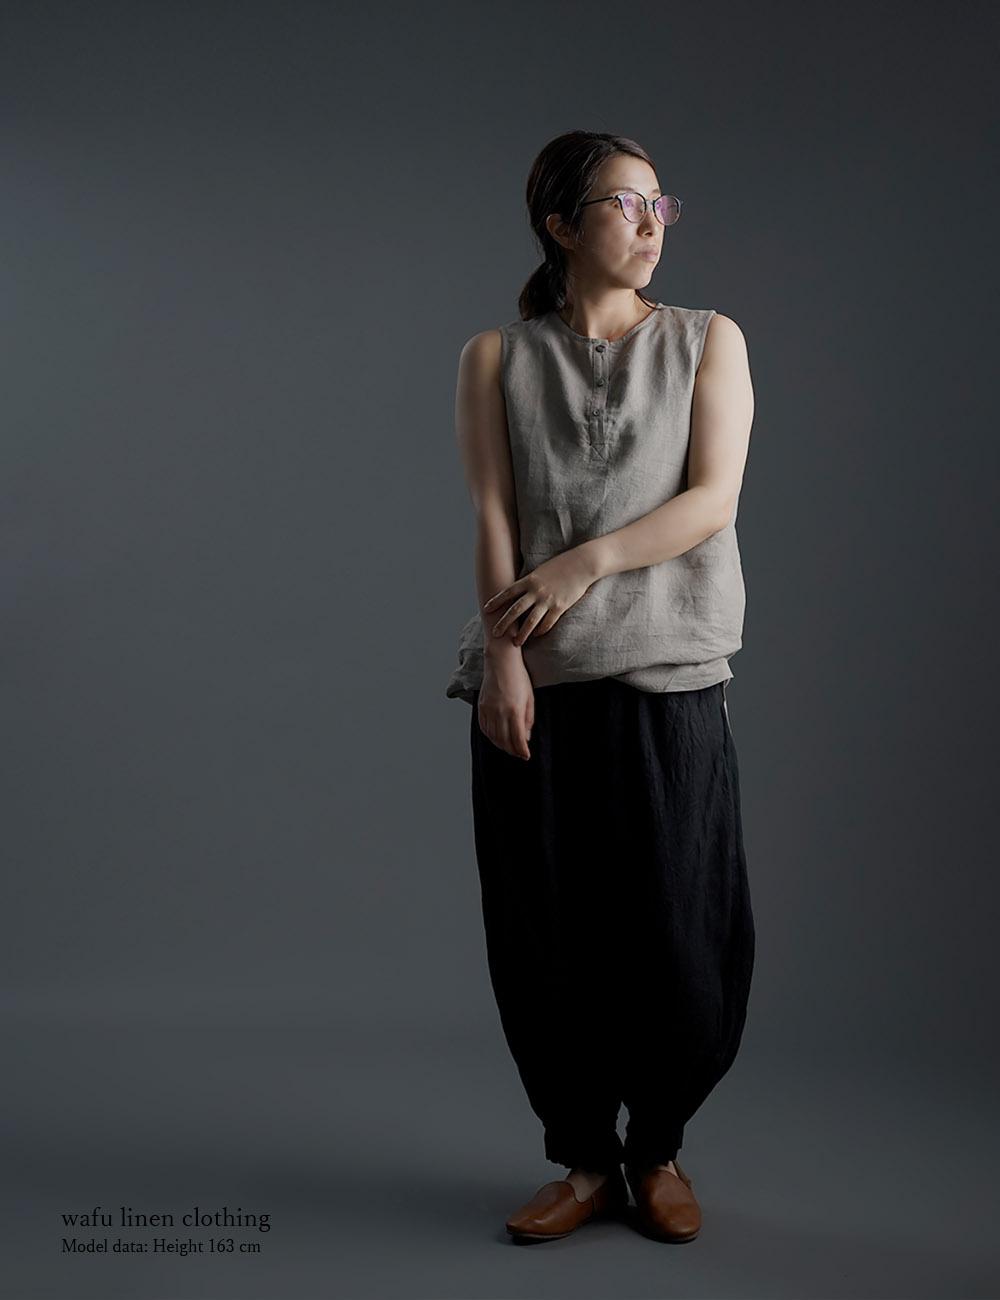 【wafu】雅亜麻 Linen Top ヘンリーネック ロング丈 インナーとしても /榛色(はしばみいろ) p011a-hbm1